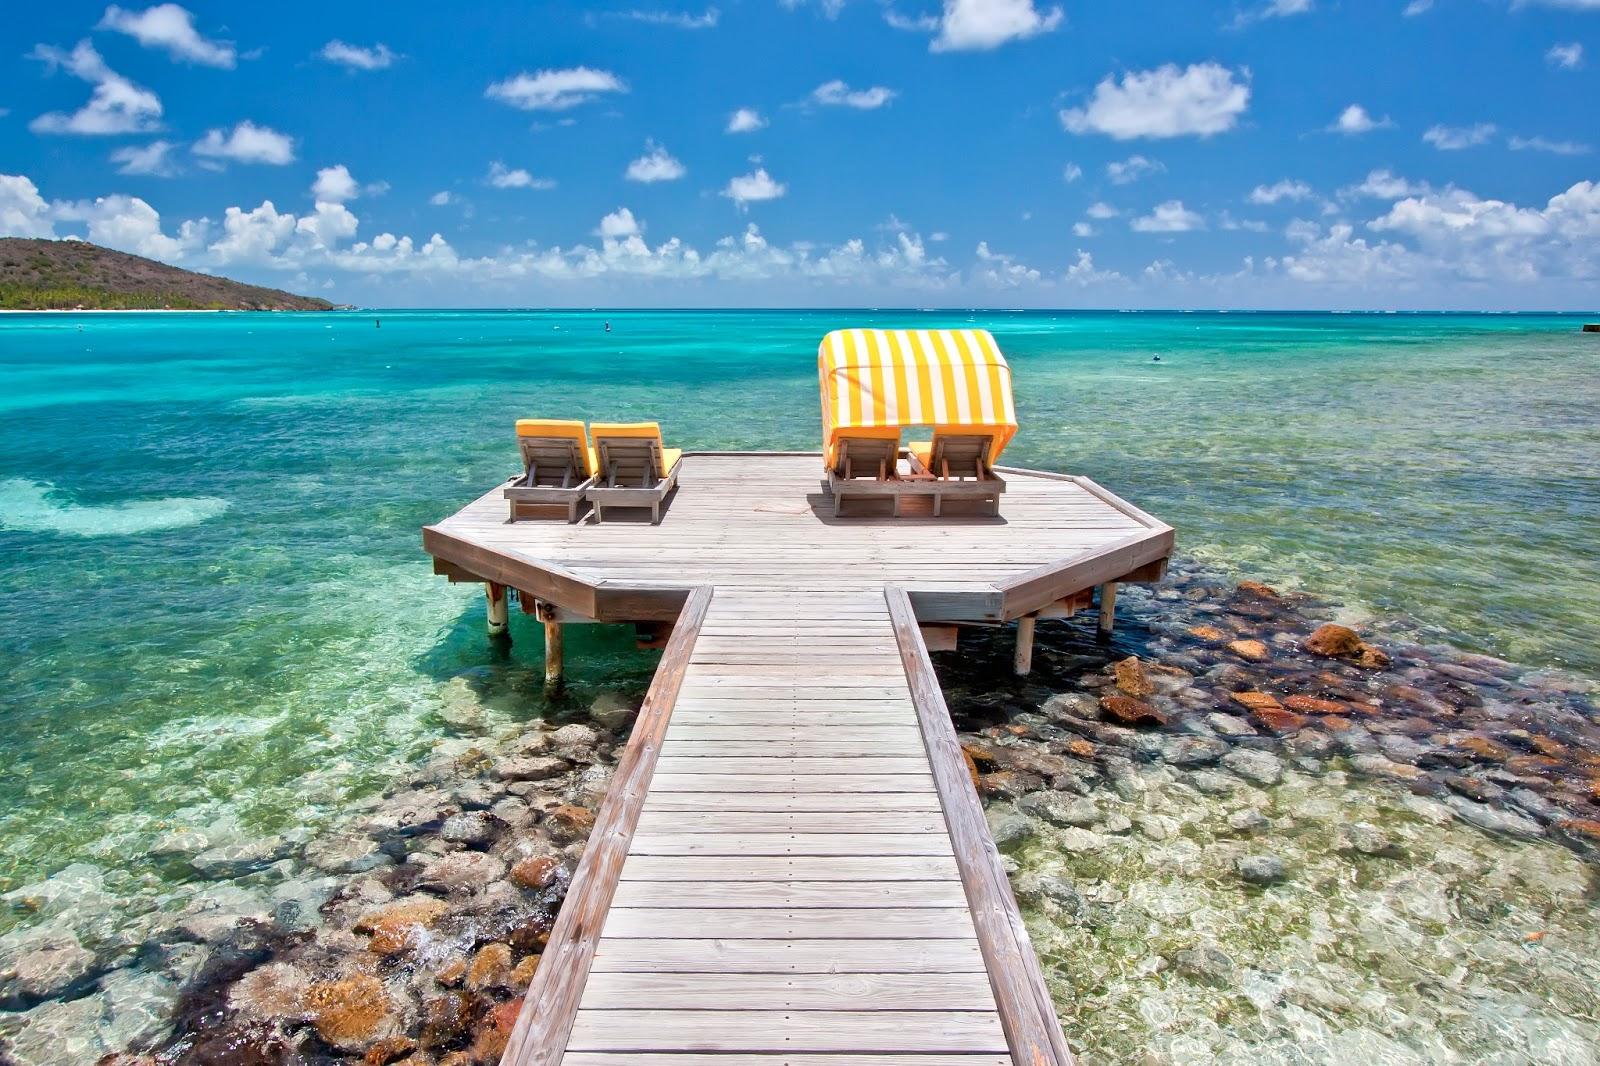 BEYC-Cabana-facing-Eustatia-Sound_MG_2547-copy-2